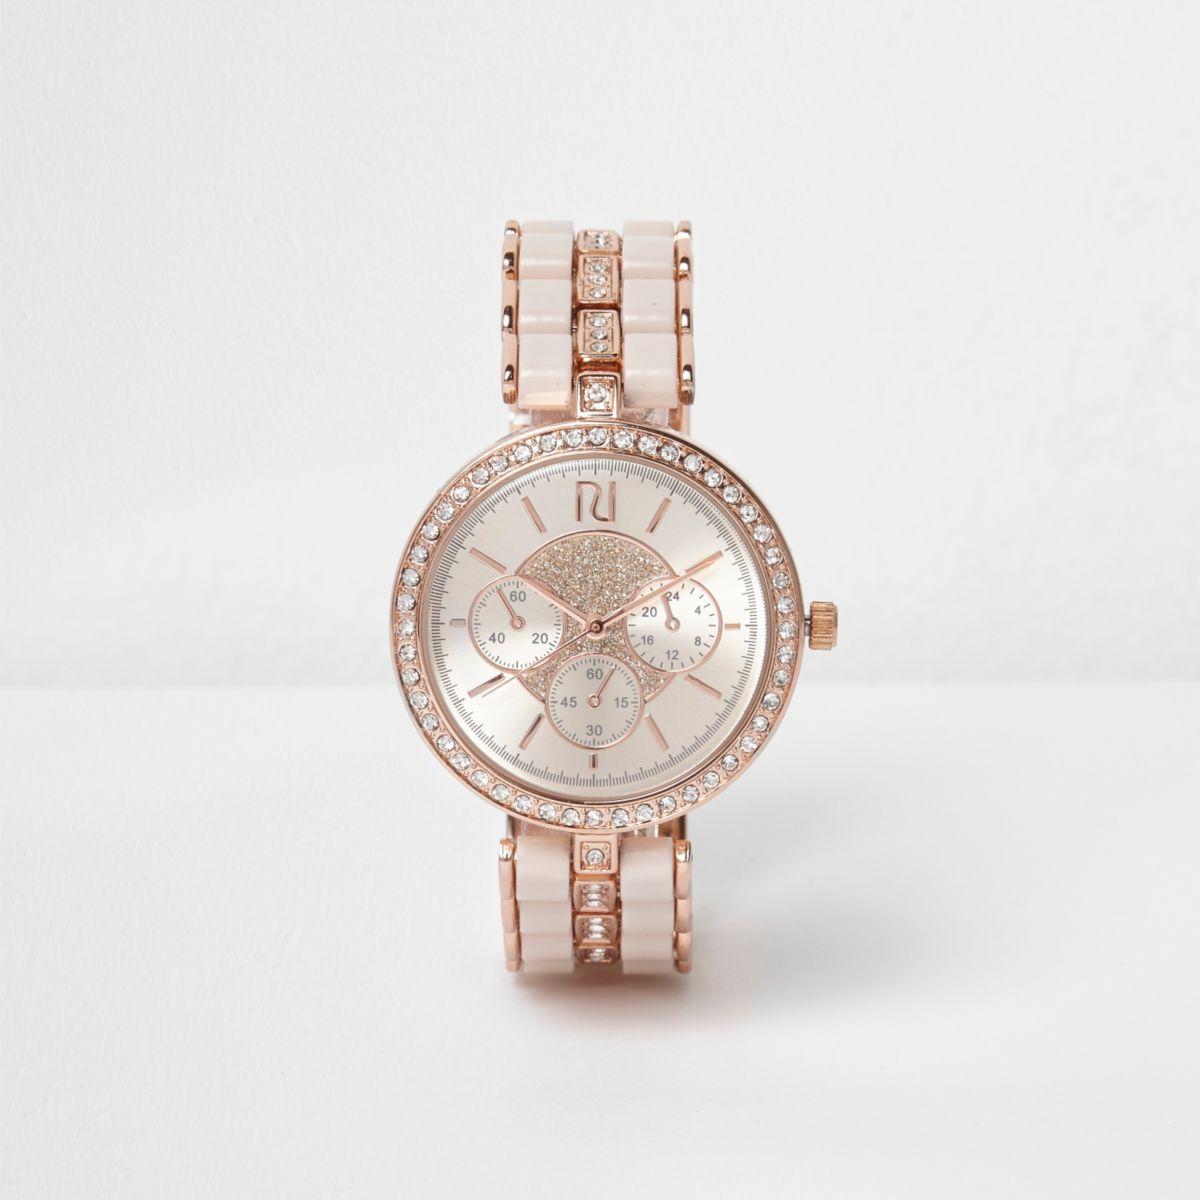 Rose gold tone diamanté watch